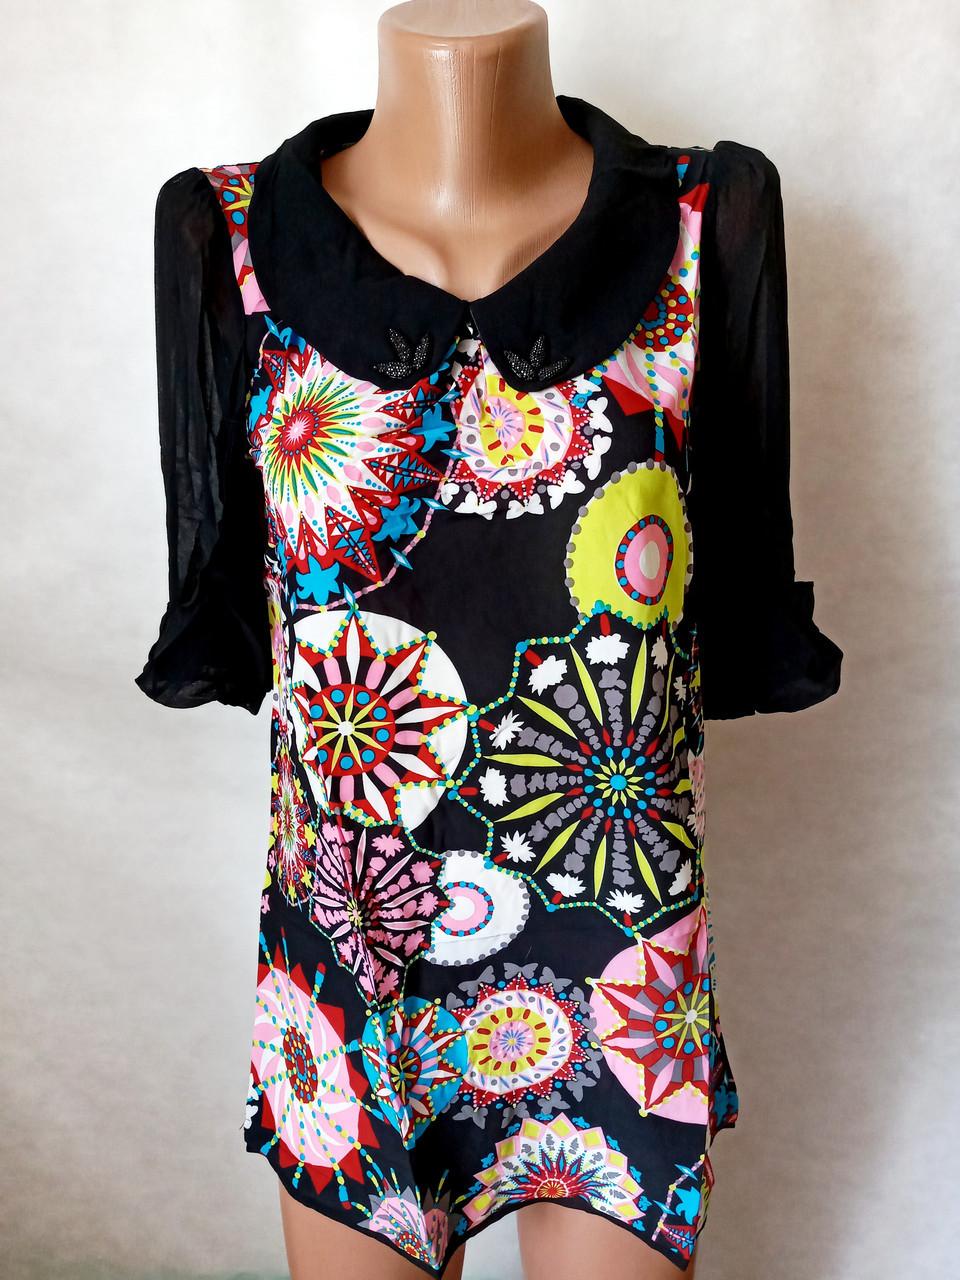 Блузи туніки жіночі шифонові №8618. Розмір 42,44,46,48.Кольори різні. Від 16шт по 10грн.